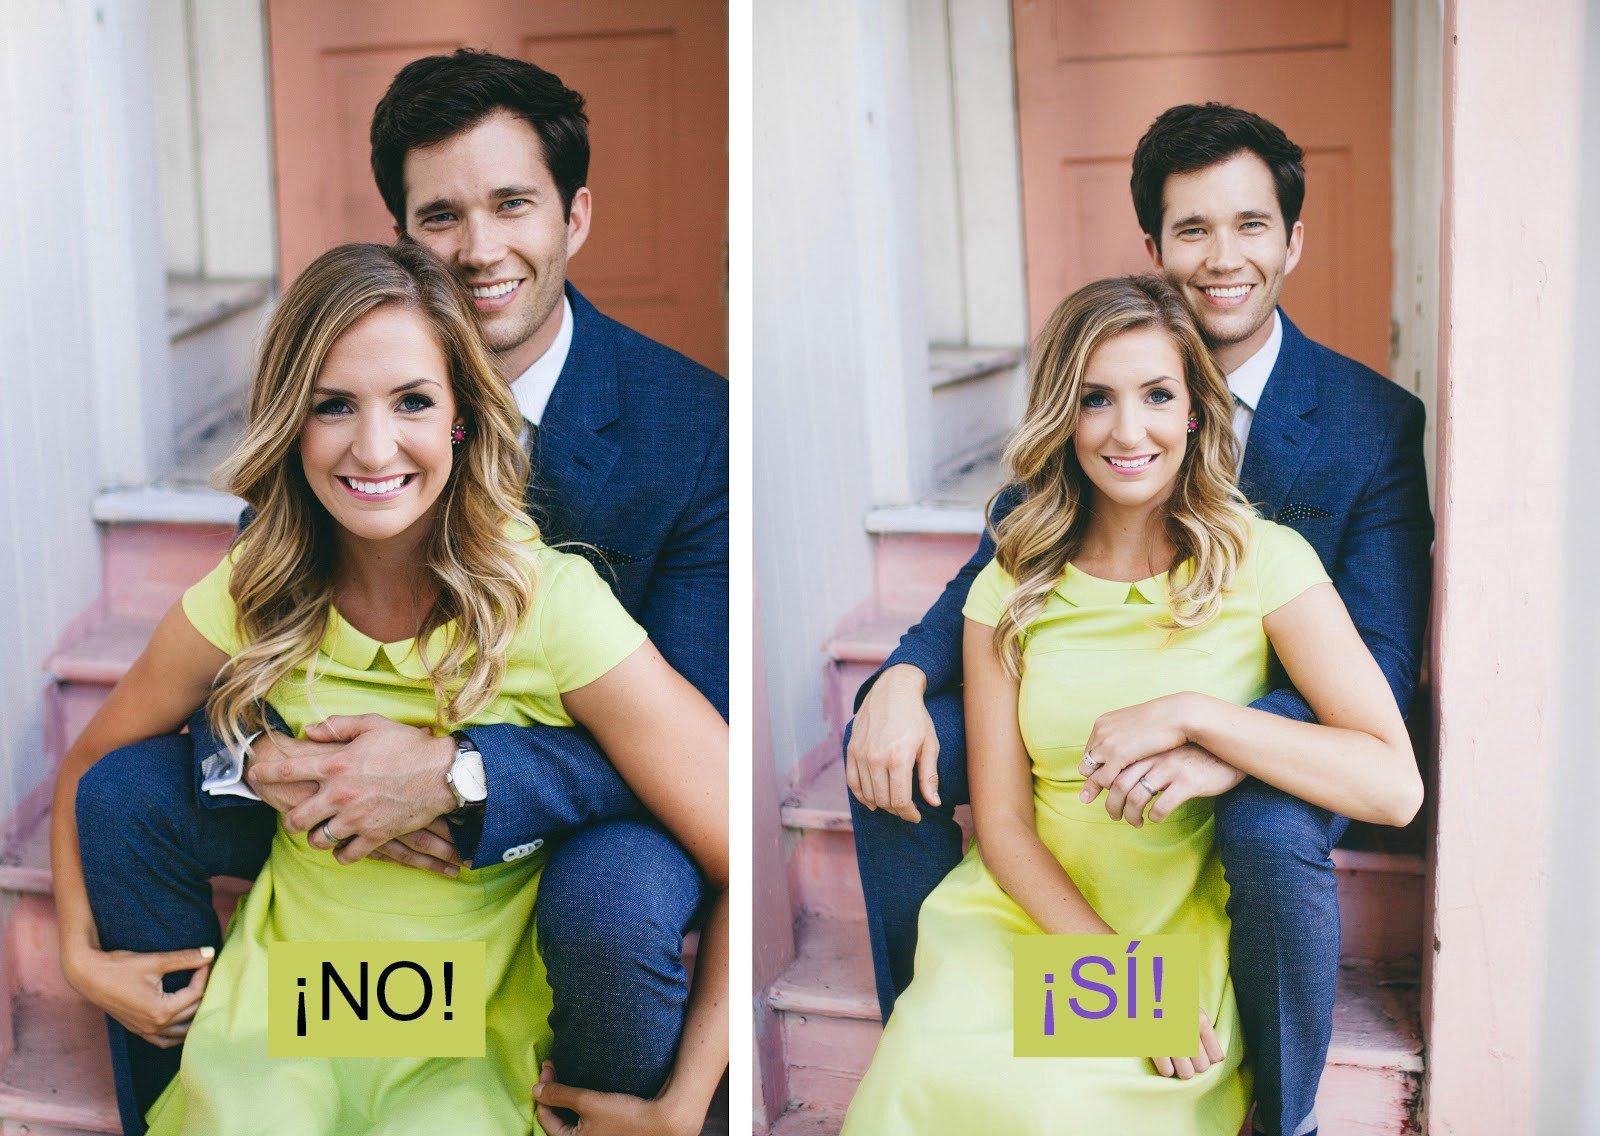 Funny Couple Pic Pose: 8 Posiciones Correctas Para Tomarse Fotos En Pareja